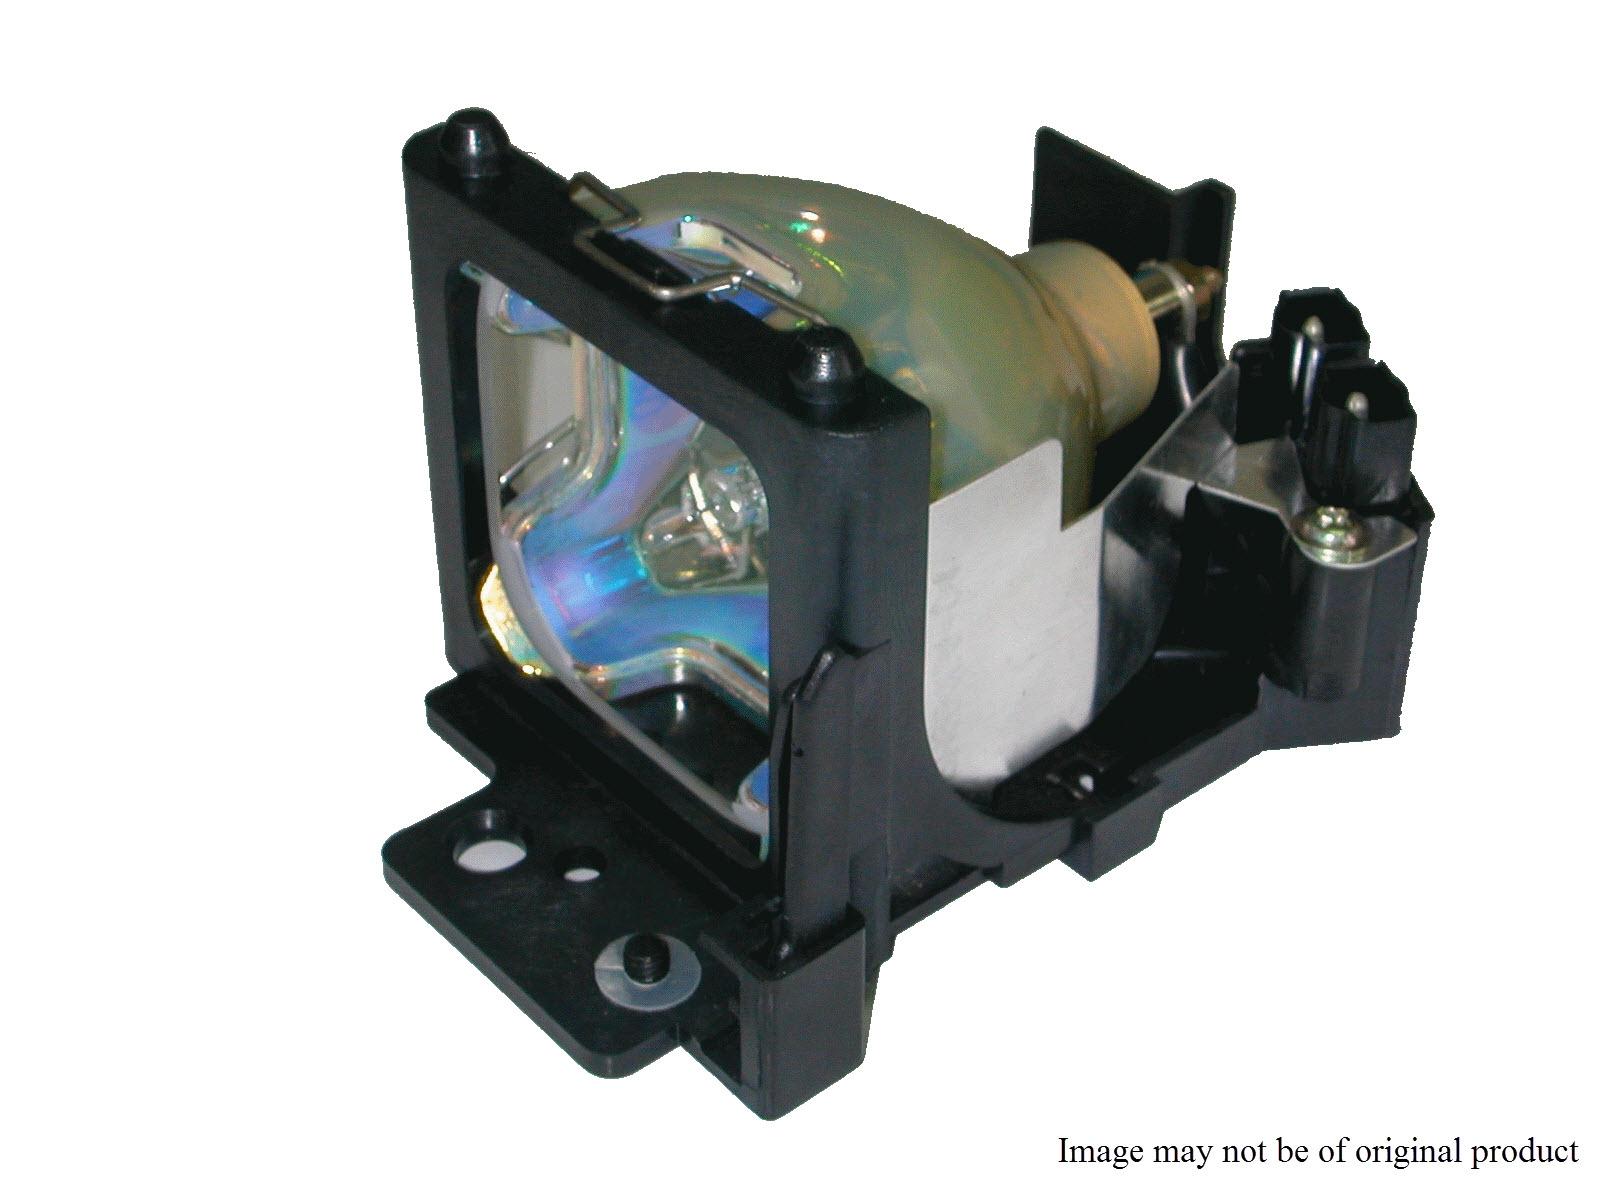 V7 VPL2374-1E 230W projection lamp